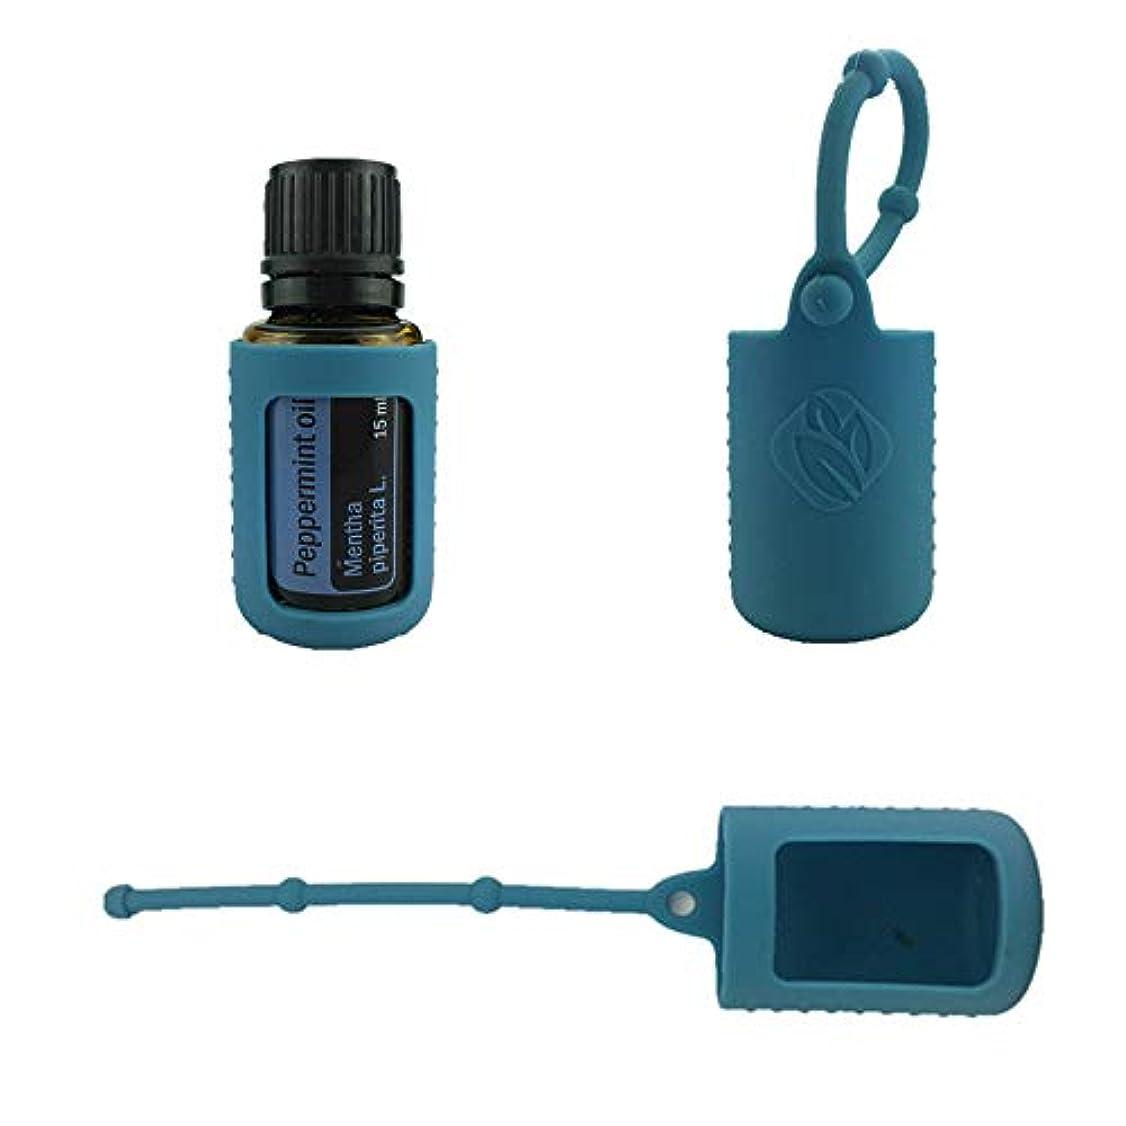 量相互疎外する6パック熱望オイルボトルシリコンローラーボトルホルダースリーブエッセンシャルオイルボトル保護カバーケースハングロープ - ダンク ブルー - 6-pcs 5ml